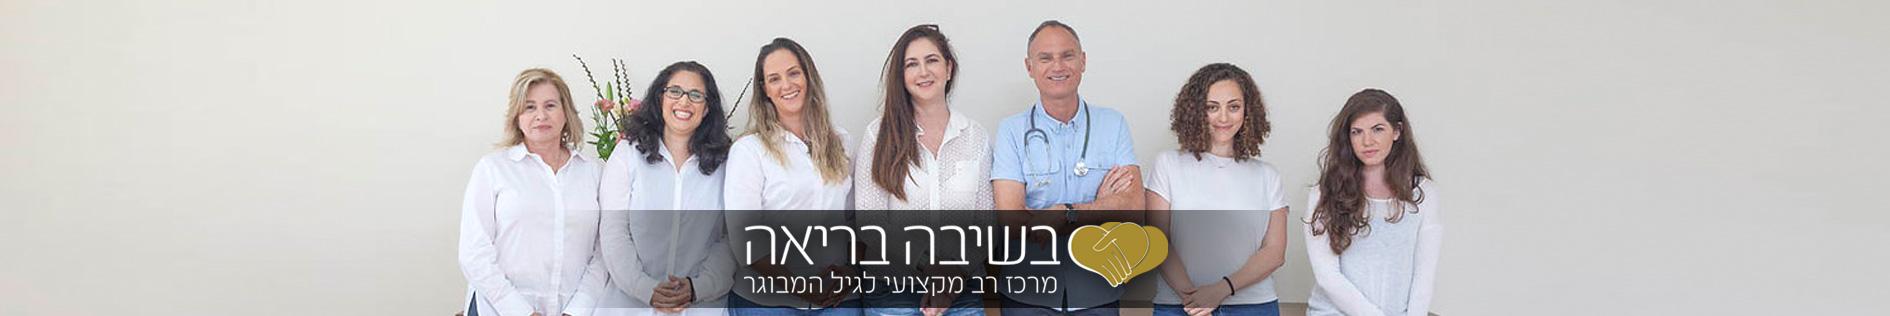 בשיבה בריאה - מרכז רב מקצועי לגיל המבוגר